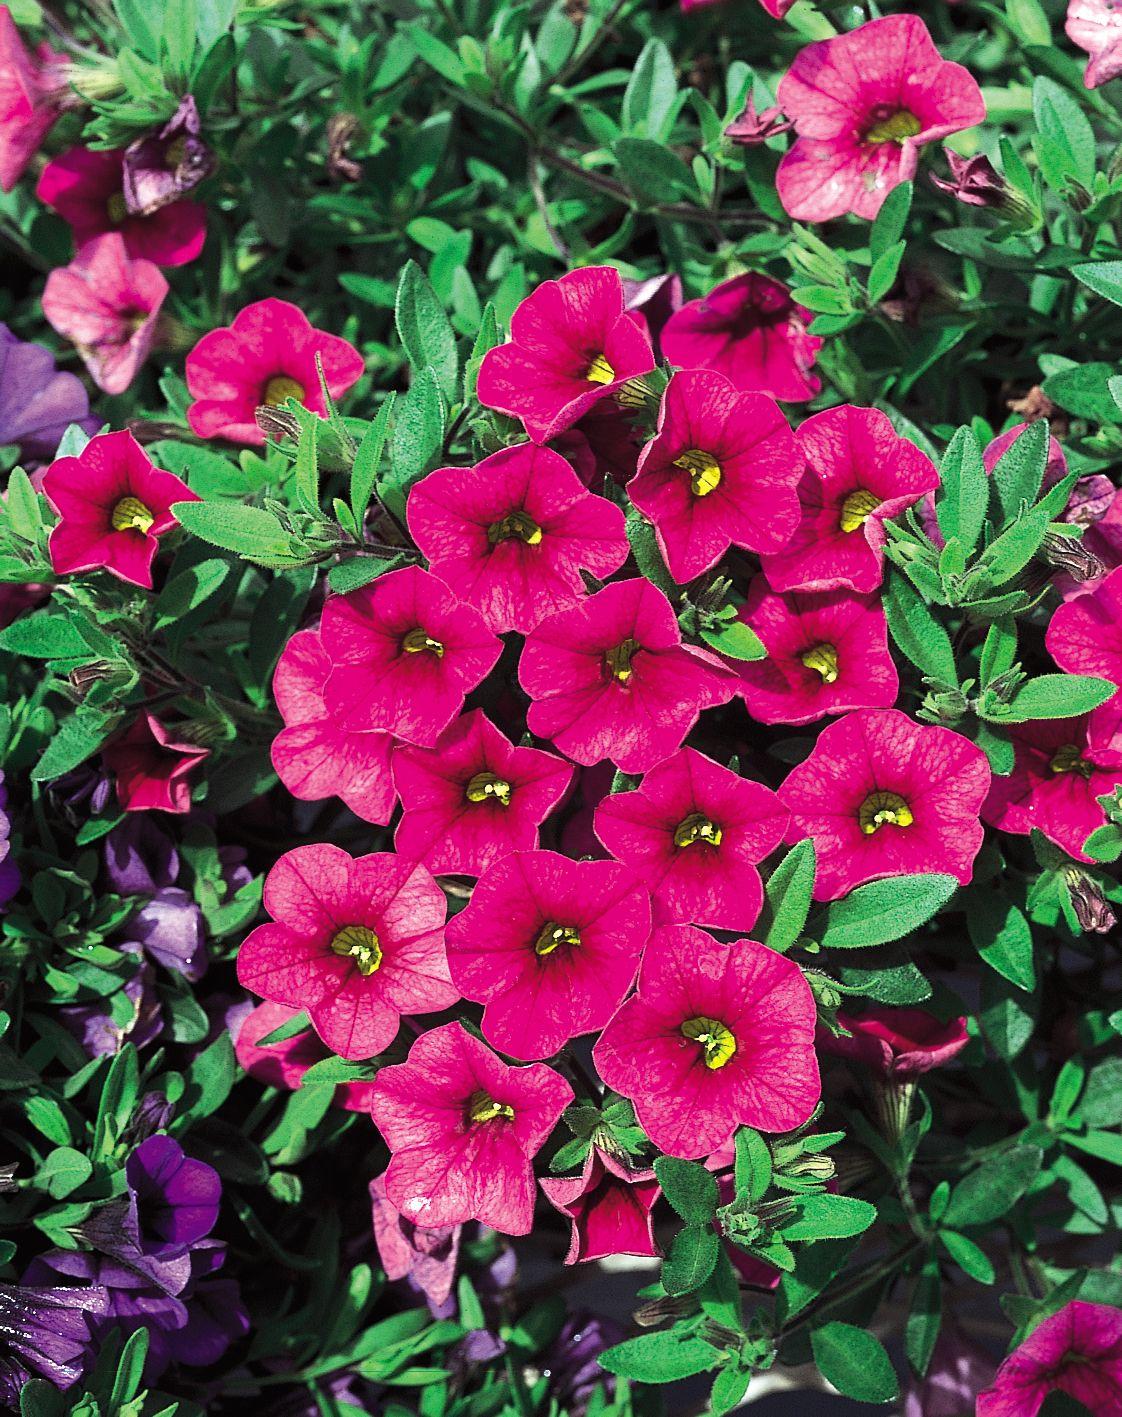 garden edging next to sidewalk flower gardens include annuals to